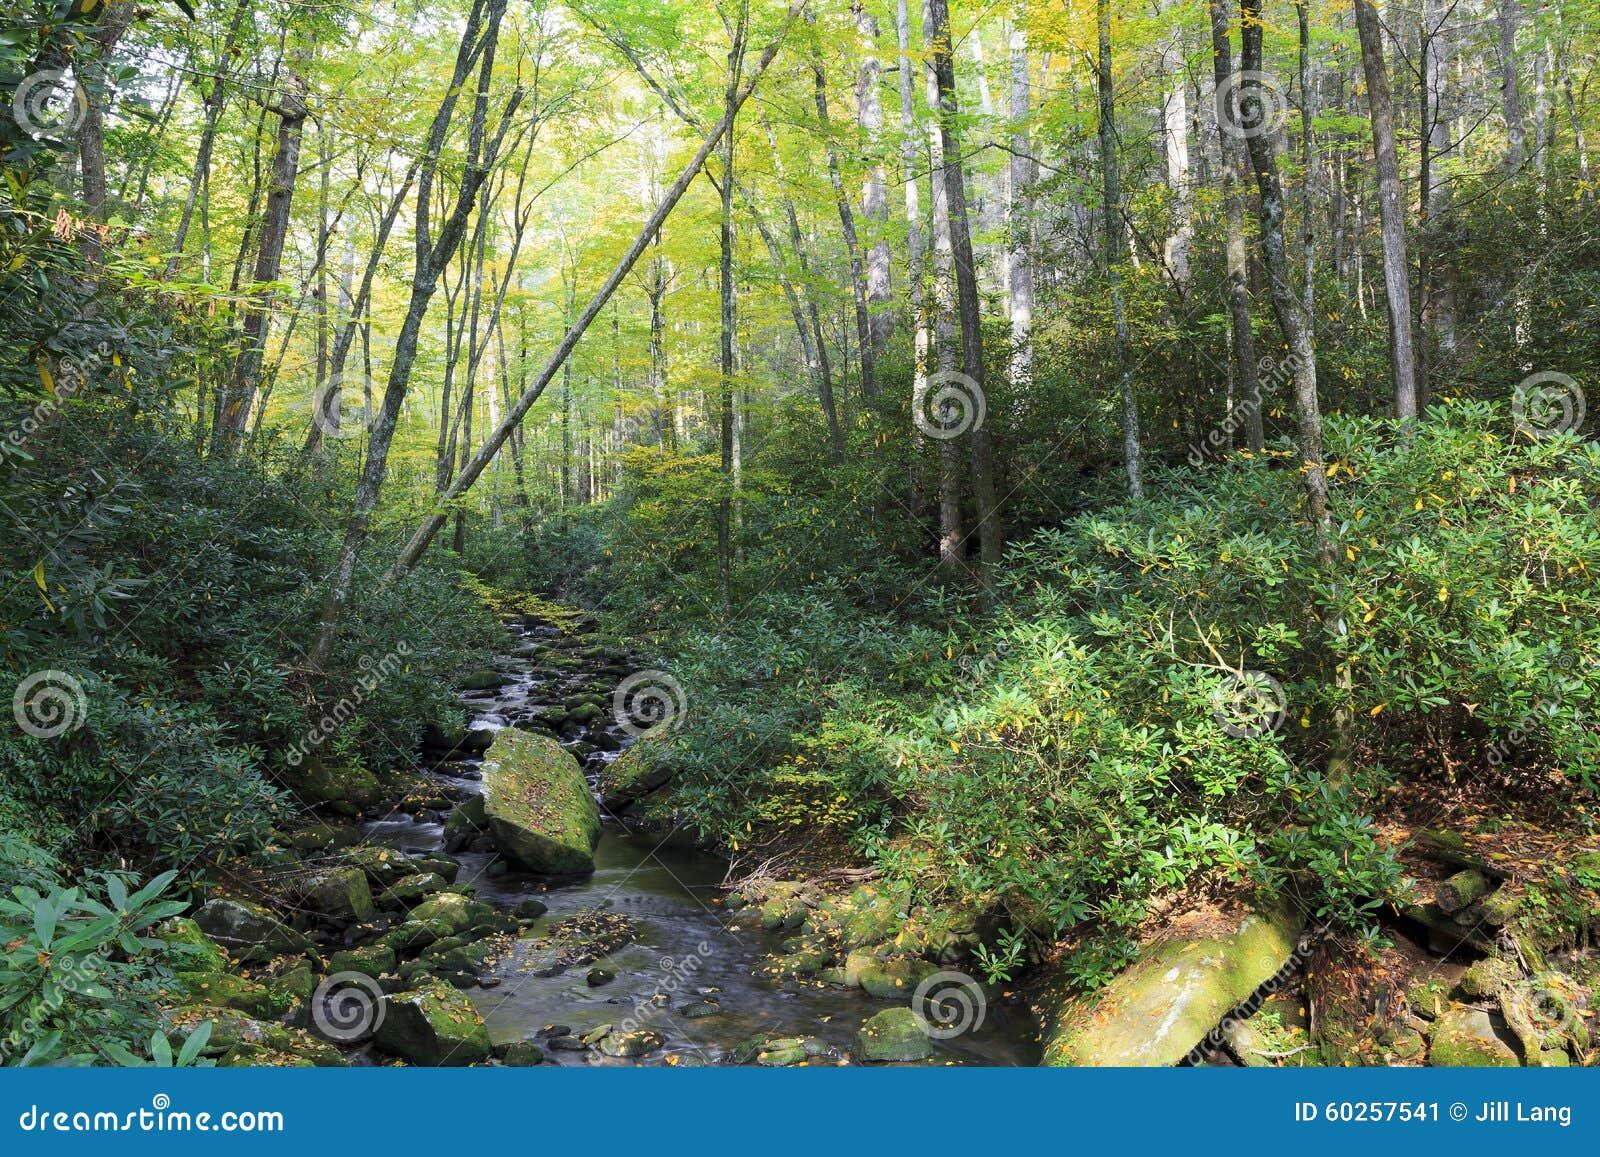 Stream in Joyce Kilmer Forest in North Carolina